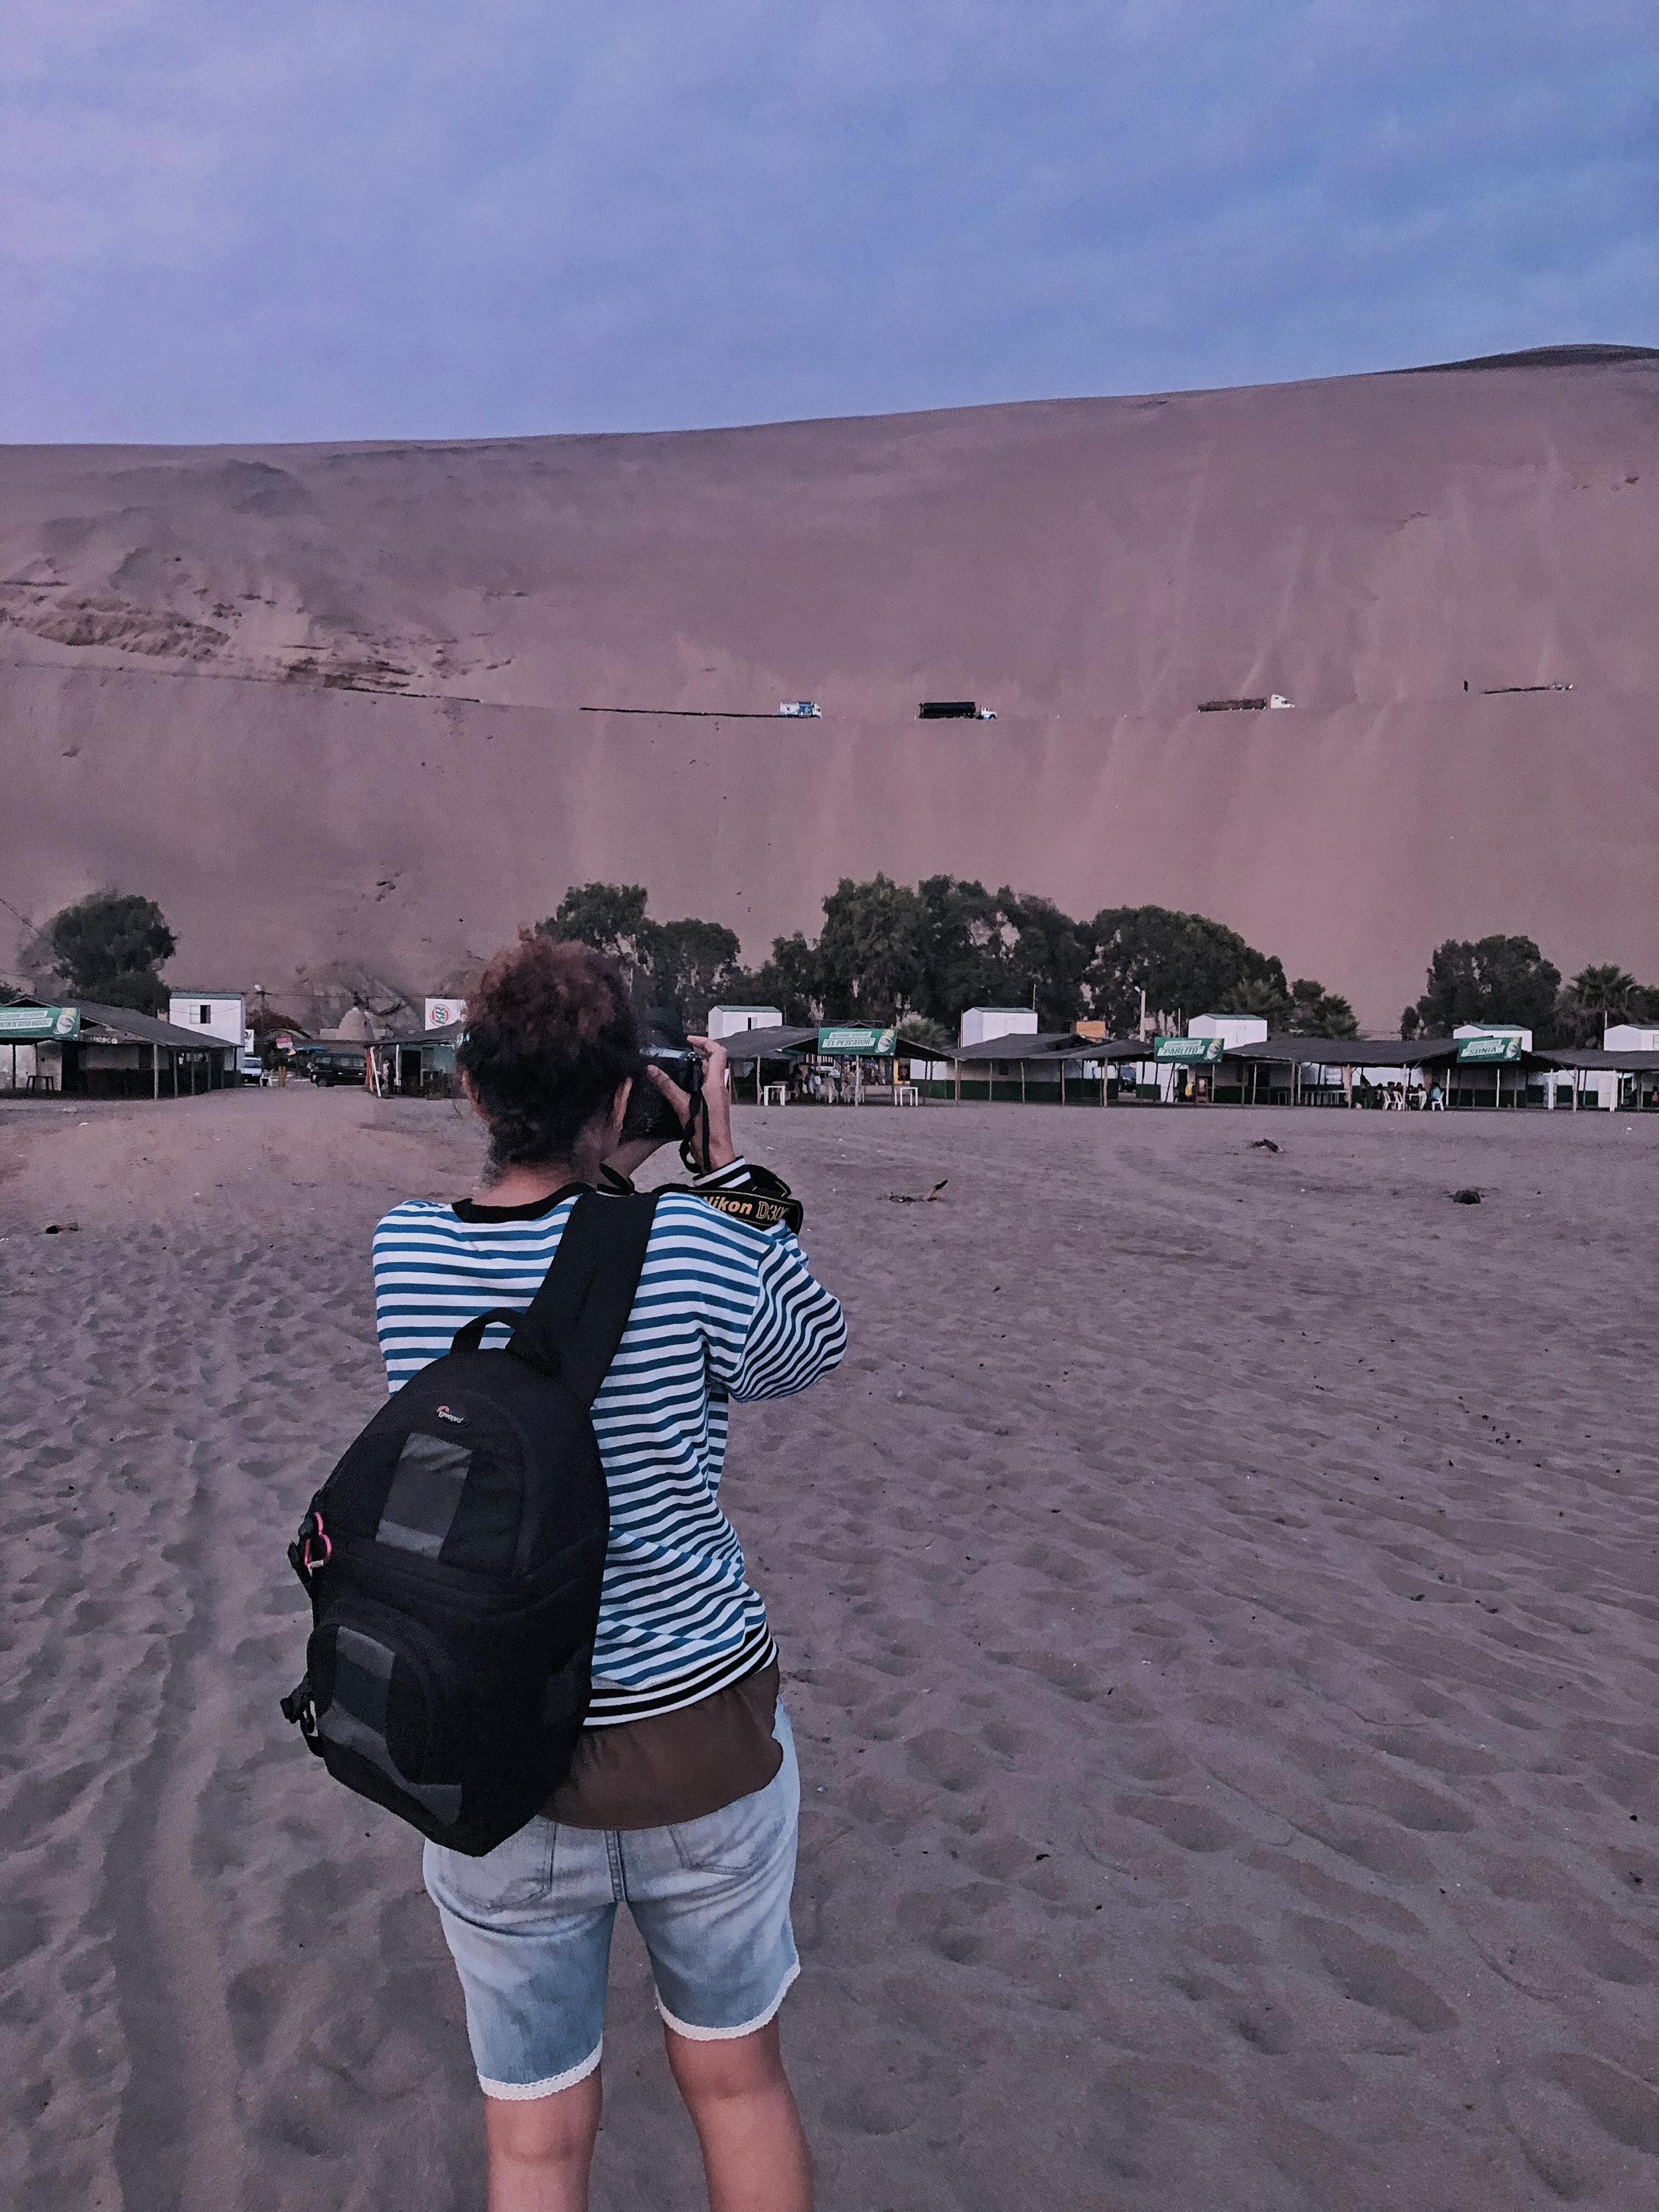 Estuvimos en la playa Chacra & Mar, ubicada en el distrito de Chancay, provincia de Huaral, a 72 Km al norte de la ciudad de Lima. Llegar a este lugar te hace recorrer brevemente los acantilados del tristemente célebre Pasamayo, el cual se puede ver en la parte superior de esta foto, hacia donde  Cinda Miranda , nuestra fotógrafa, apunta todo su interés con la cámara.